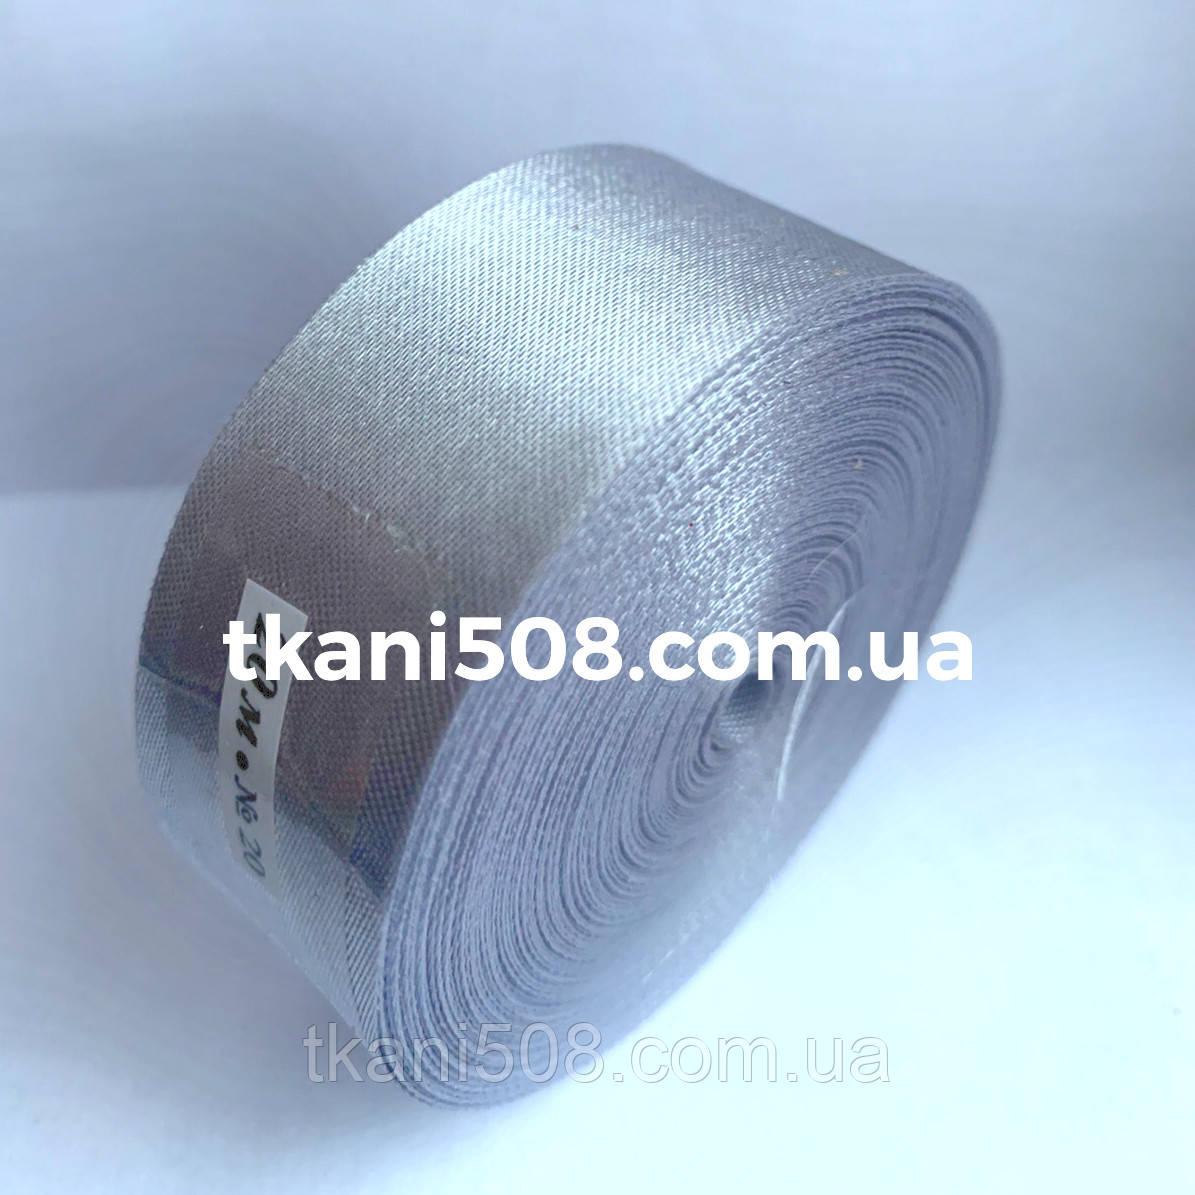 Атласна стрічка 2,5 см - світло-сірий 20